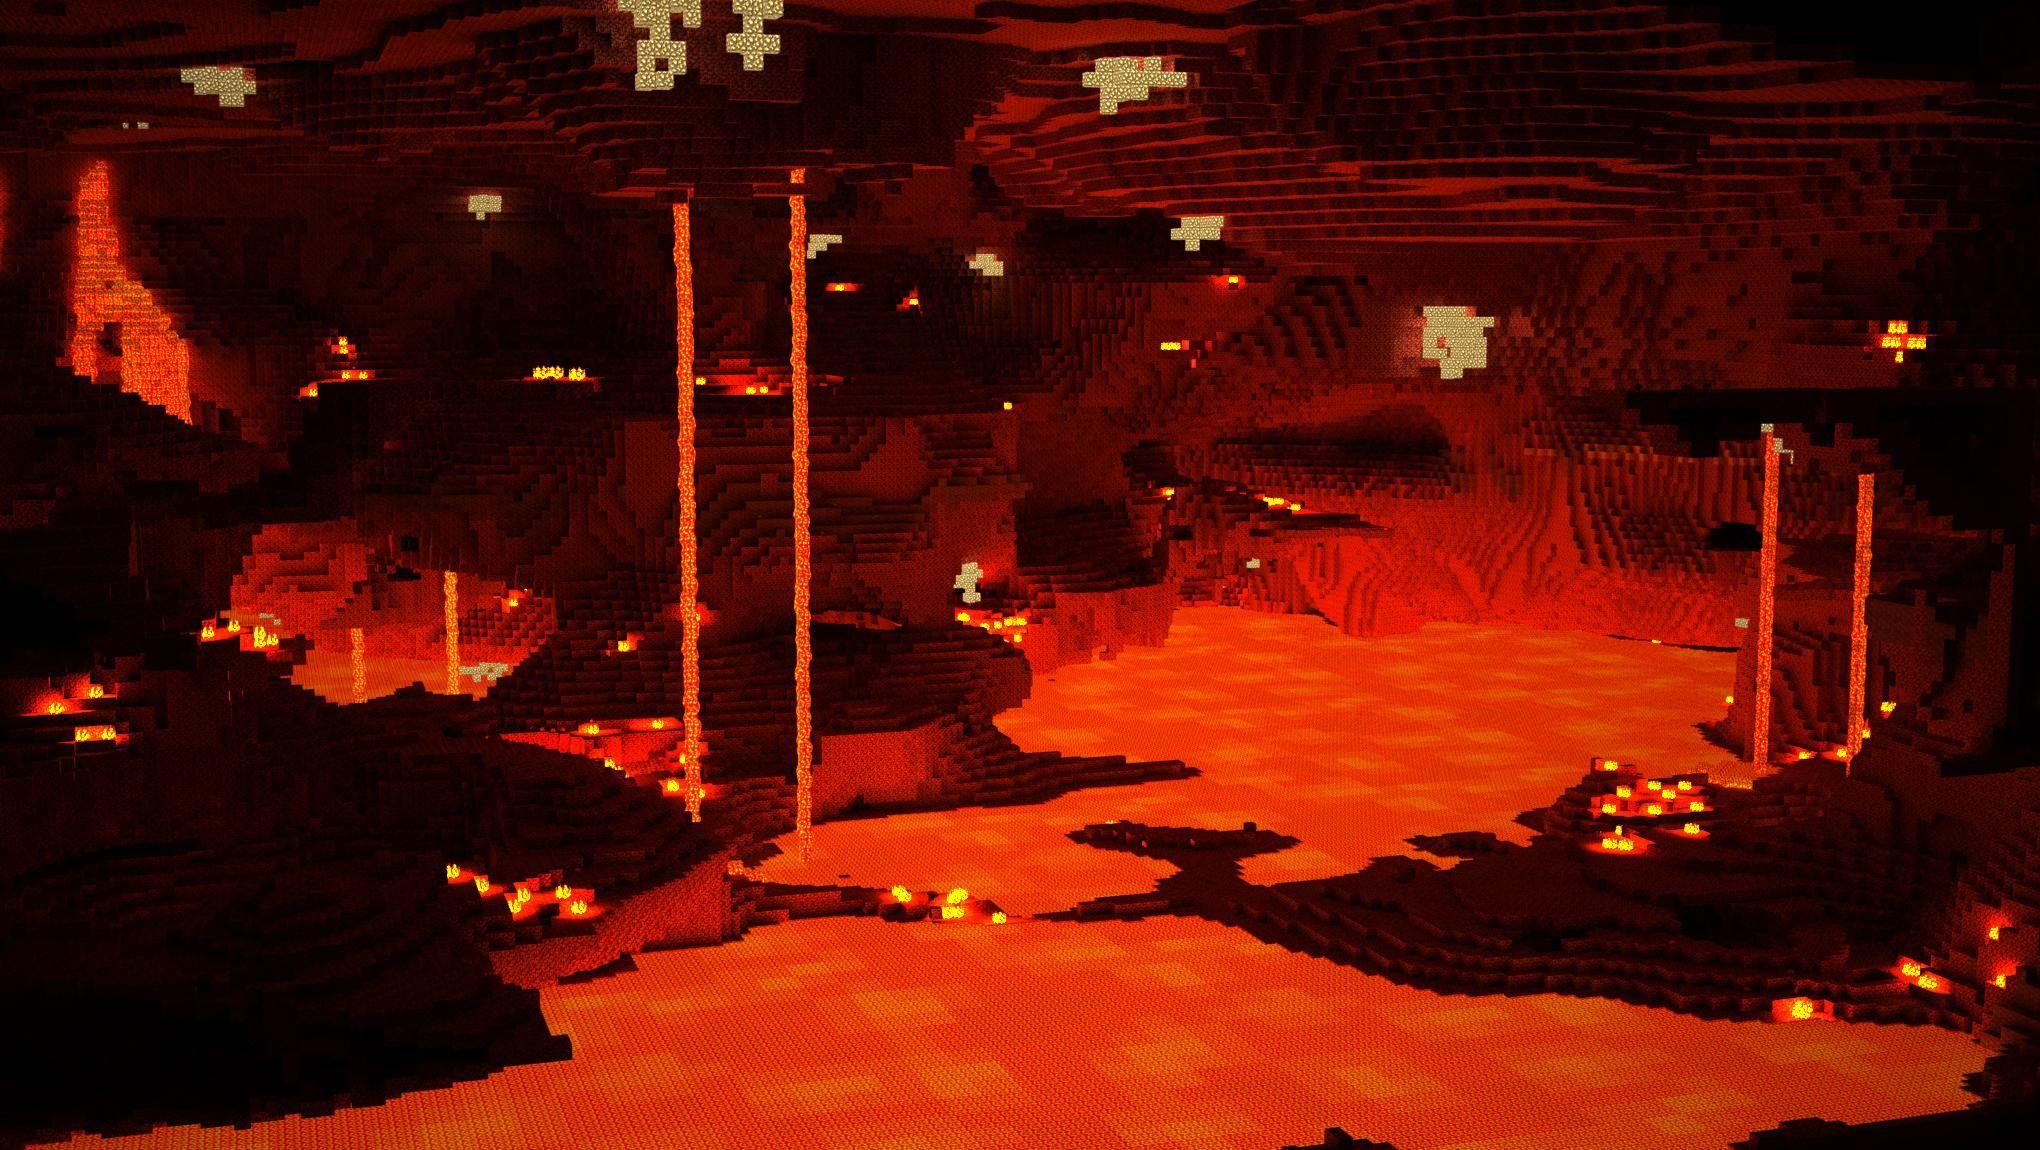 Best Wallpaper Minecraft Google - 7bc4fef98c7a78b6266f0cc01f4a424f  Graphic_586295.jpg